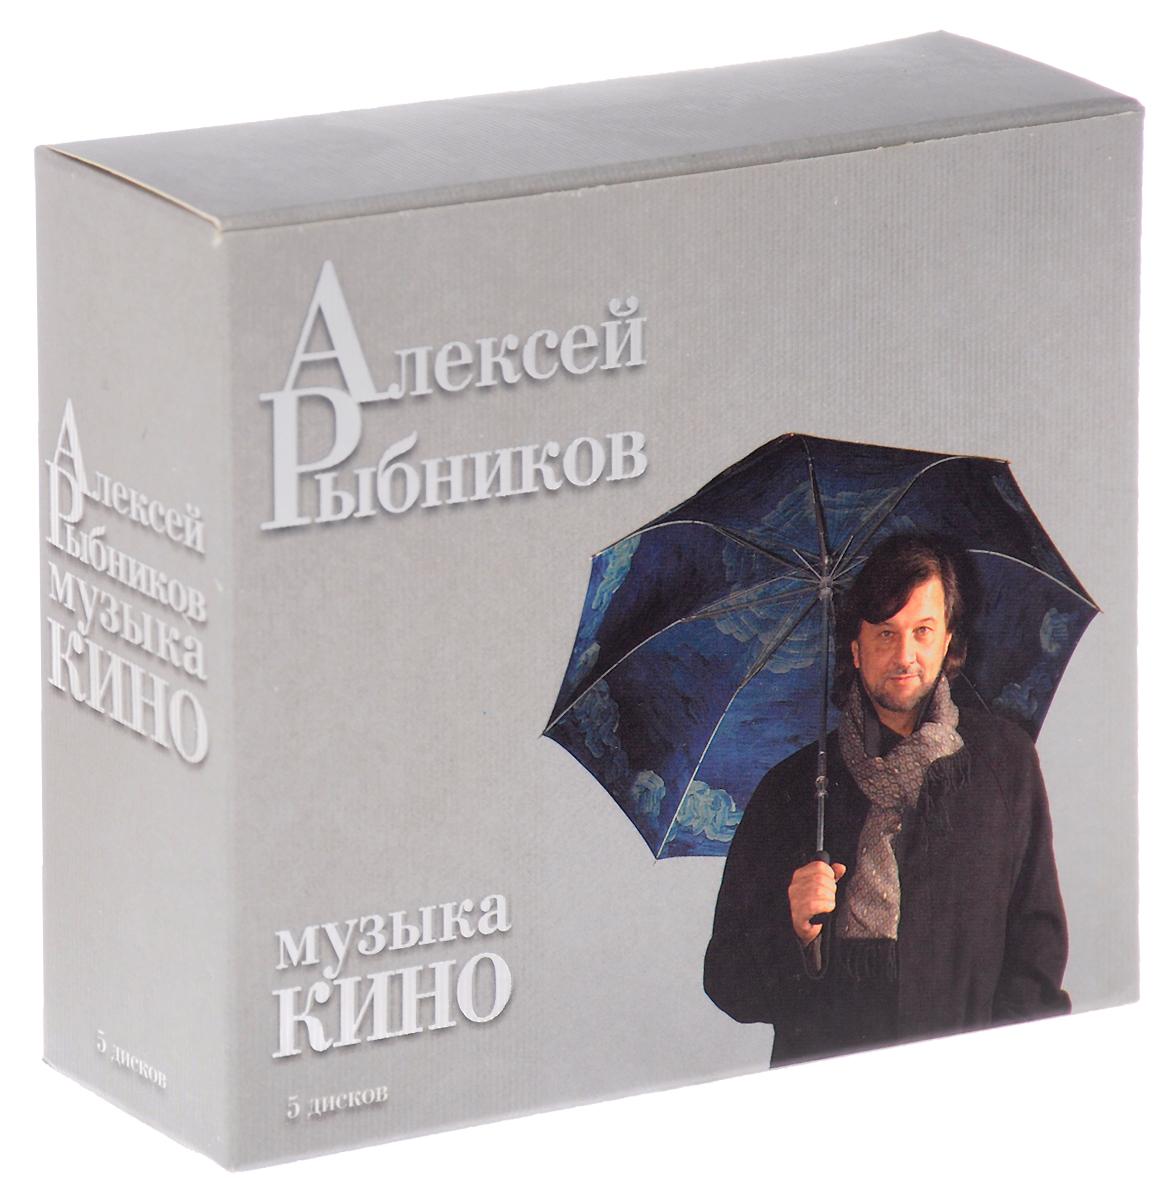 Издание содержит буклет с фотографиями и дополнительной информацией на русском языке. Диски упакованы в DigiPack и вложены в картонную коробку.